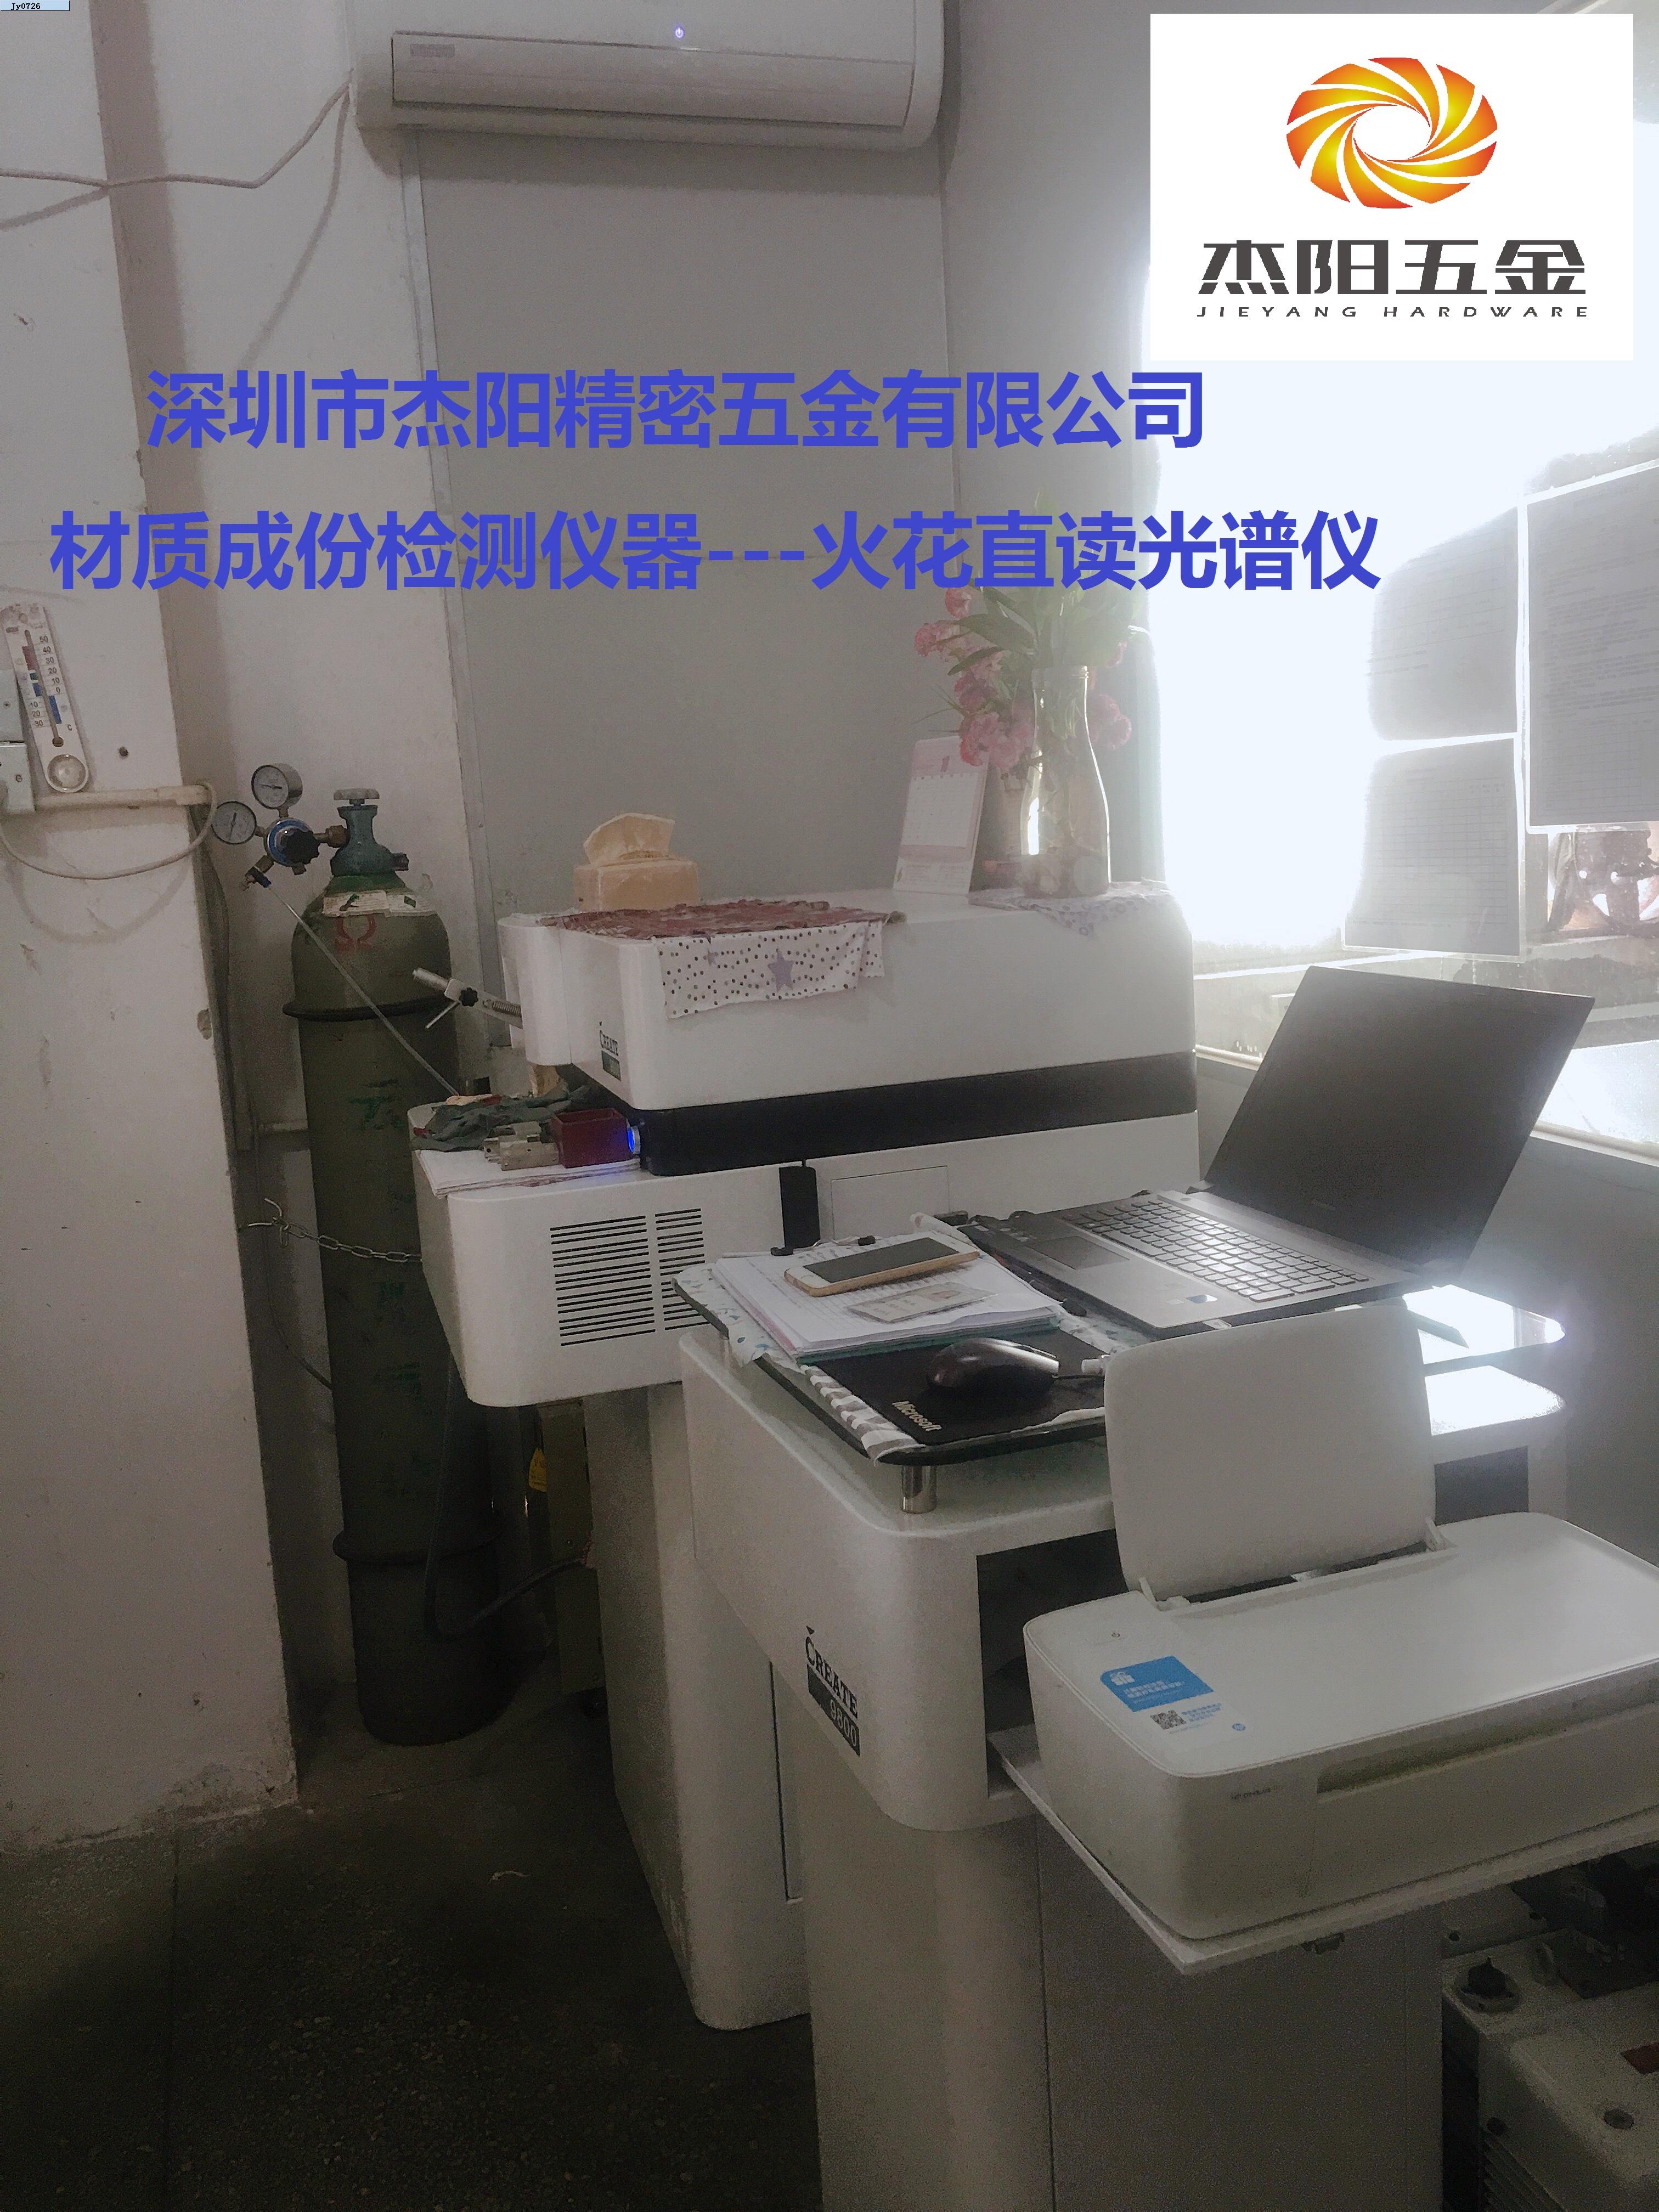 材质成份检测仪--火花直读光谱仪